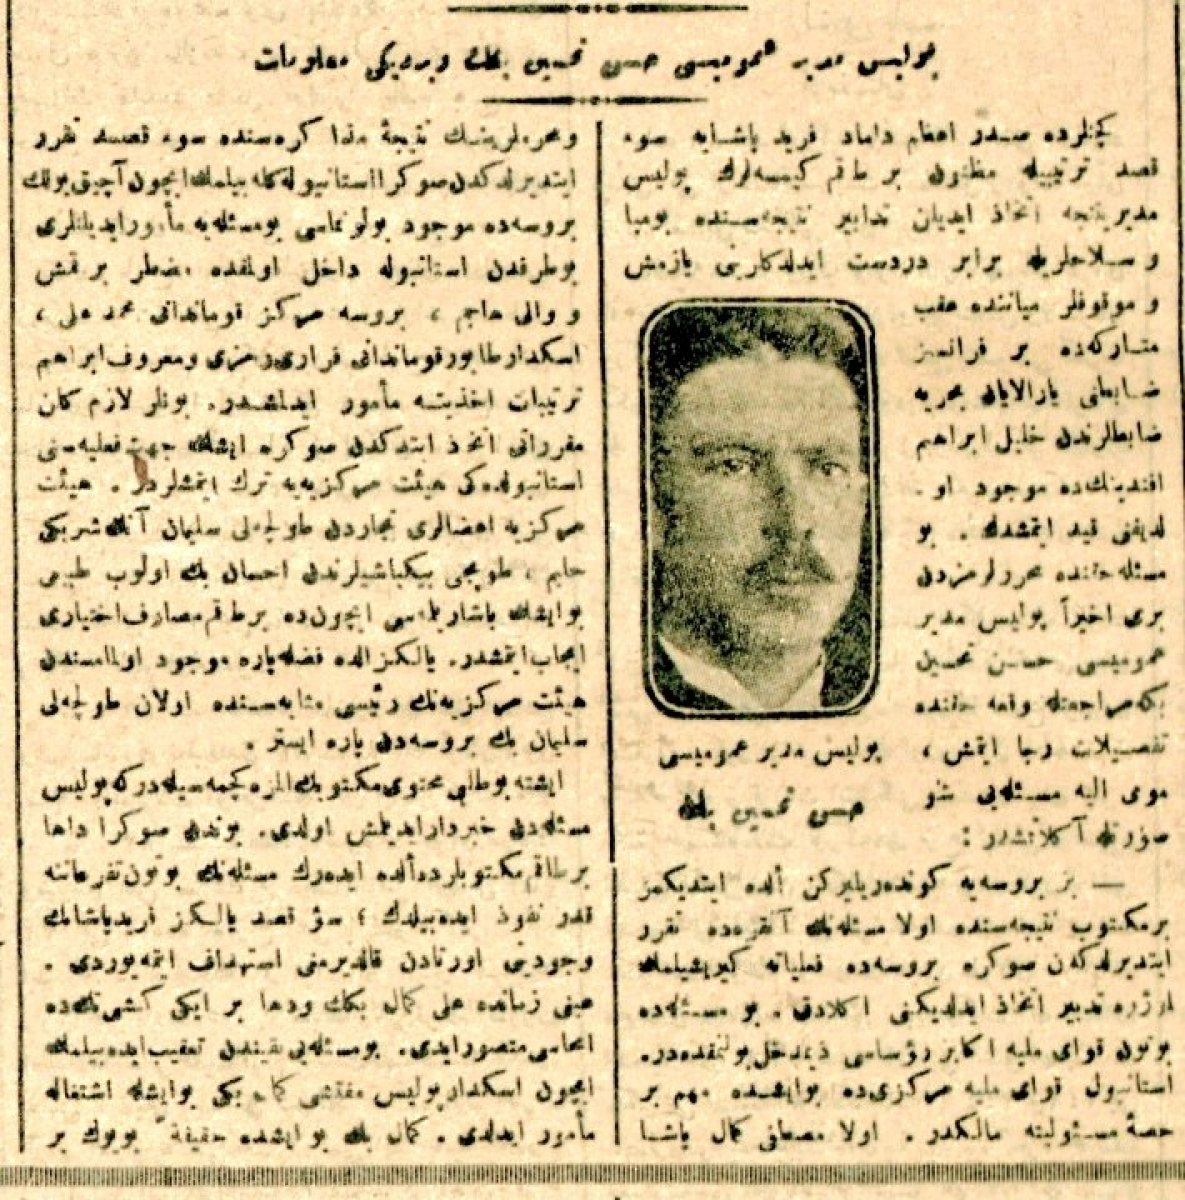 Kurtuluş Savaşı nda ilk kurşunu atan Hasan Tahsin kimdir? Kahraman Hasan Tahsin hakkında merak edilenler... #2